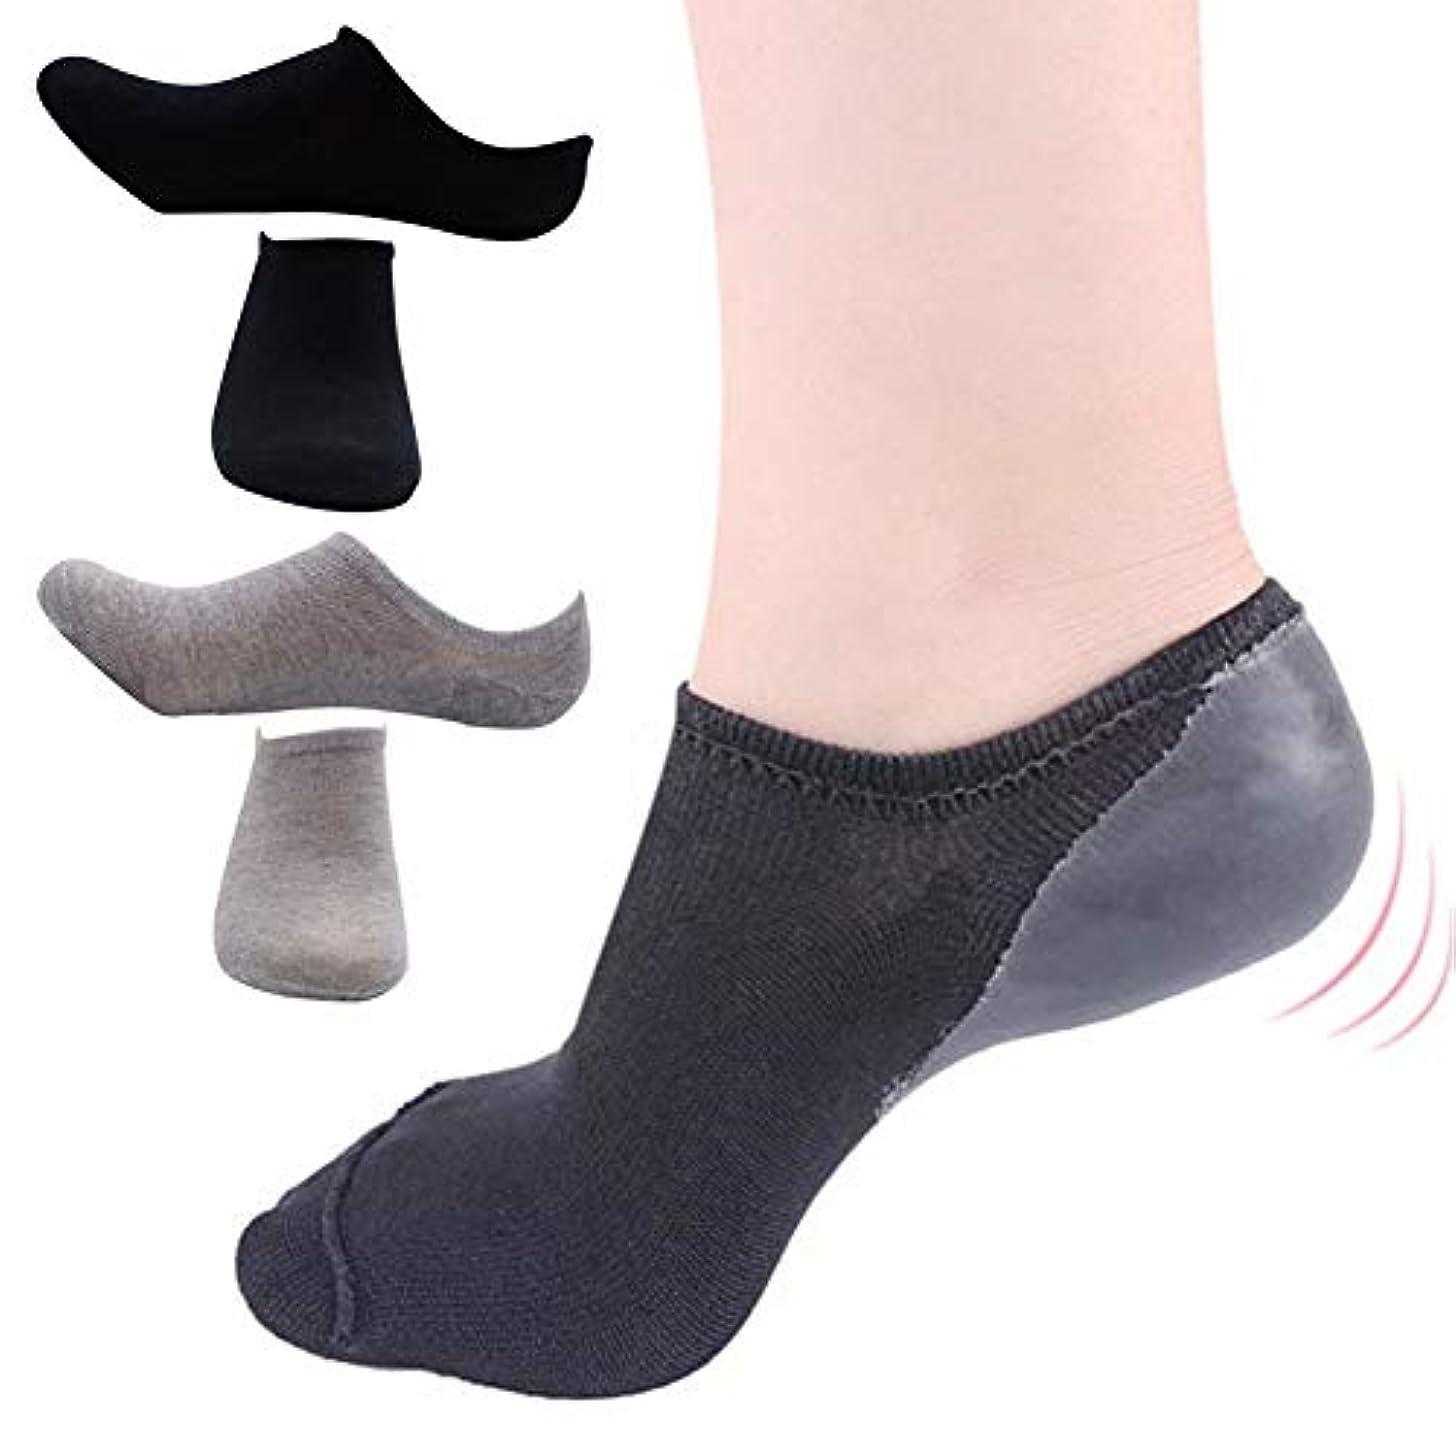 算術症状信念K&TIME かかと くるぶしショートソックス レディース 浅履き 靴下 保湿ソックス かかと 靴下 靴下 角質ケア 滑らか スベスベ ツルツル ひび割れ ジェル 滑り止め 脱げにくい 美容 足SPA 足ケア 2足セット